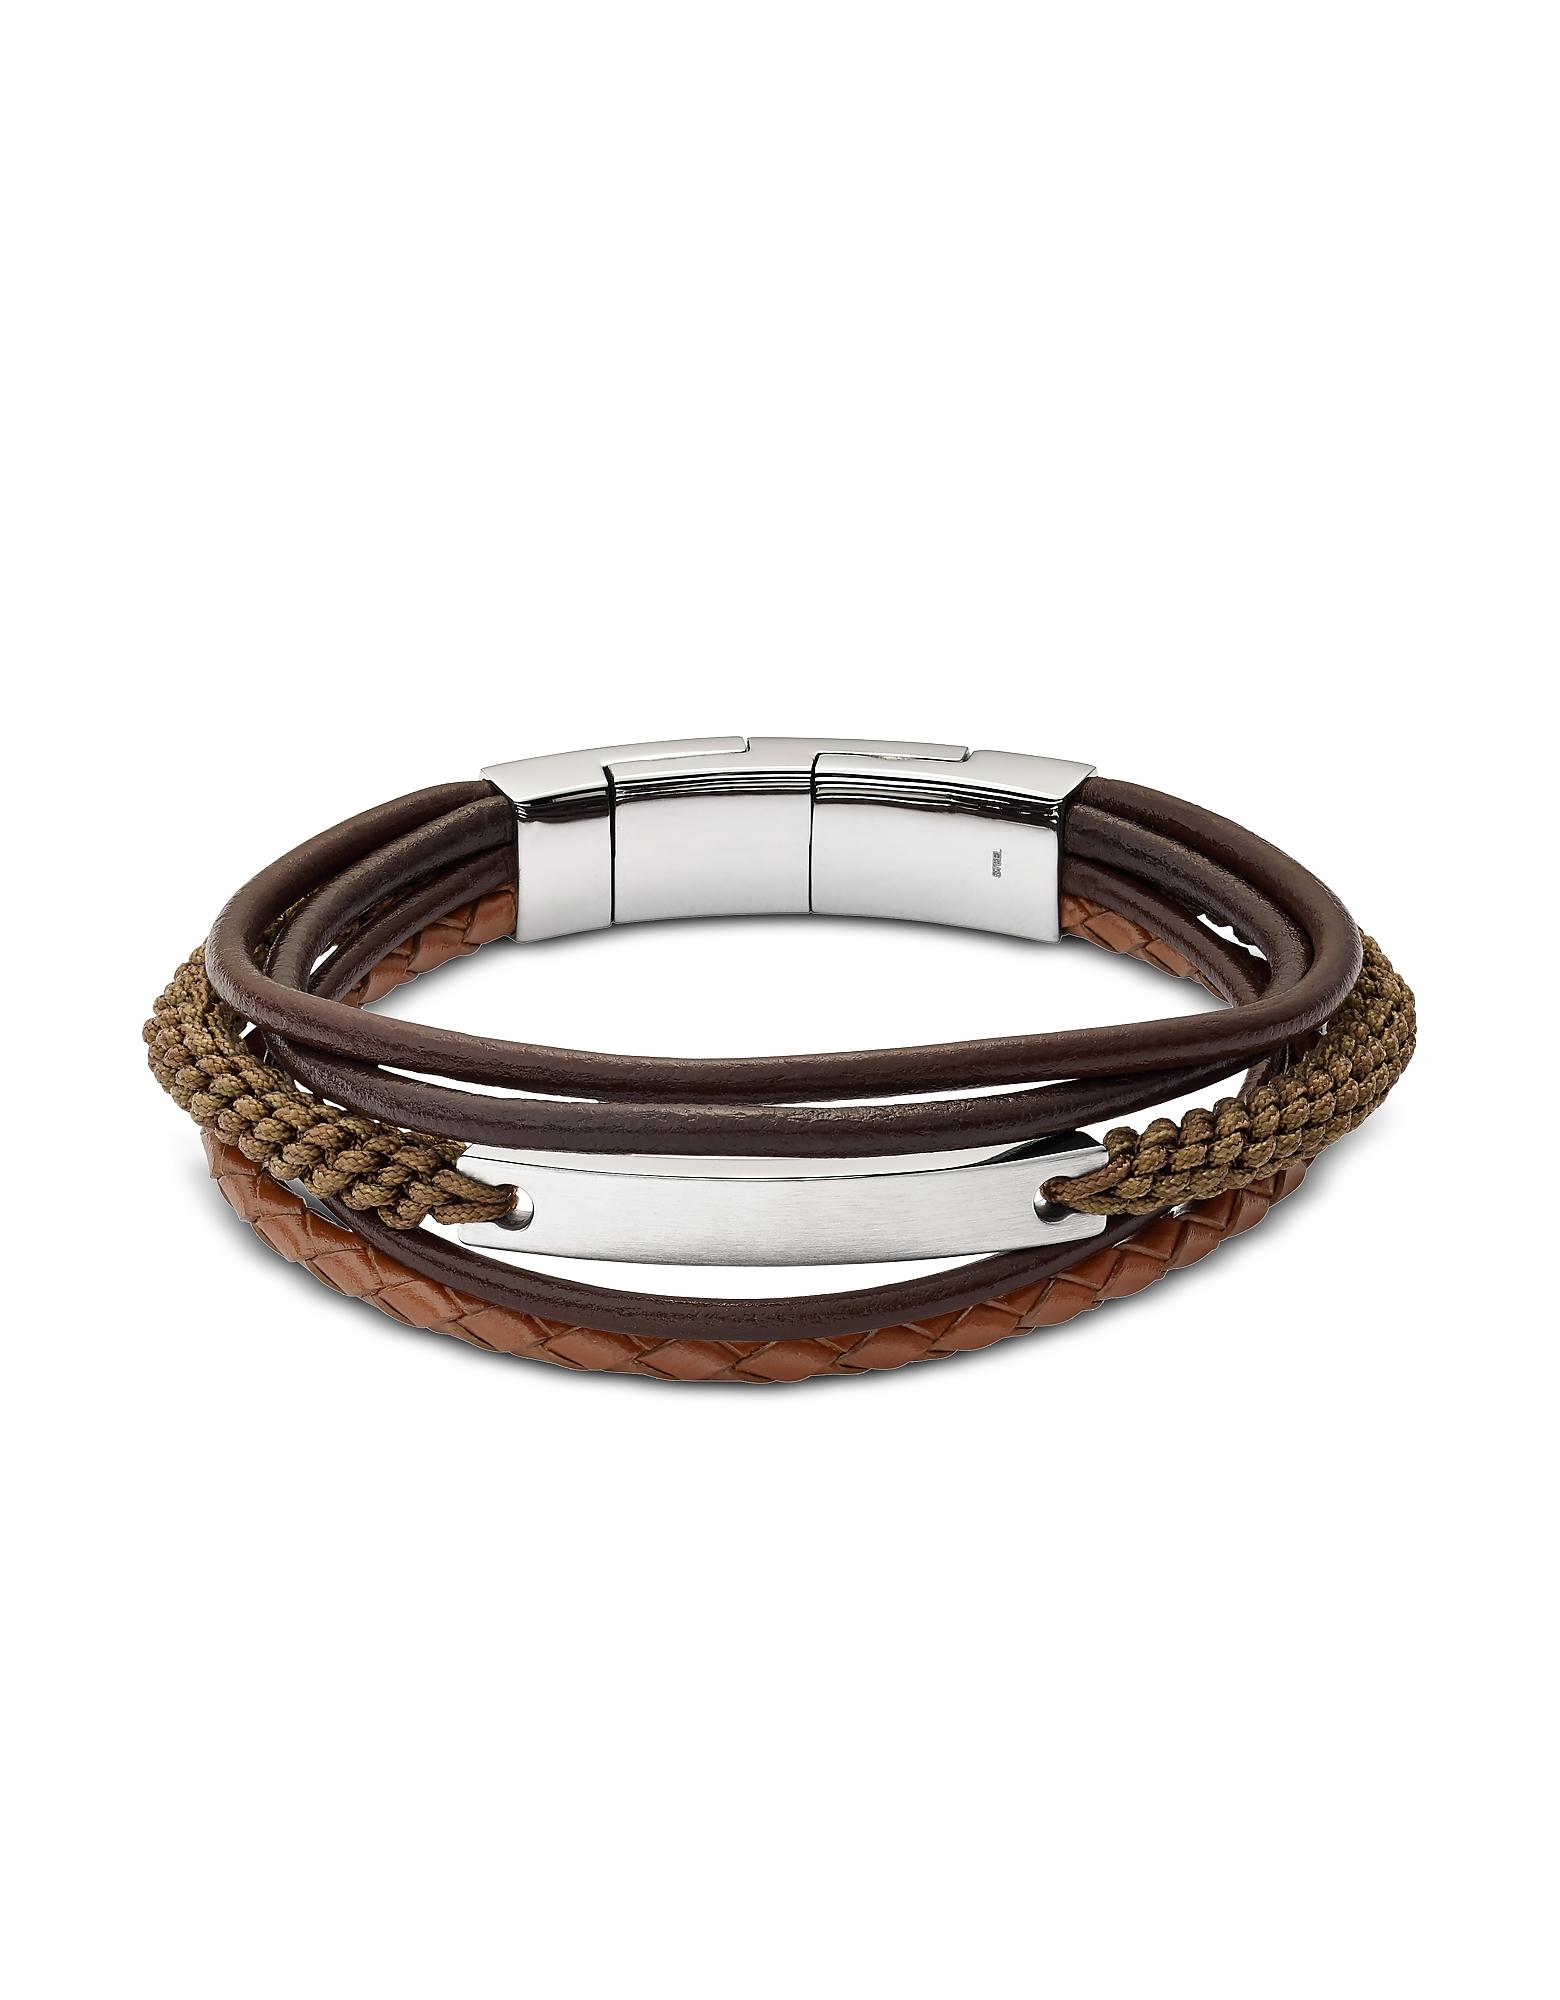 Vintage Casual Dark Brown Multi-Strand Men's Bracelet